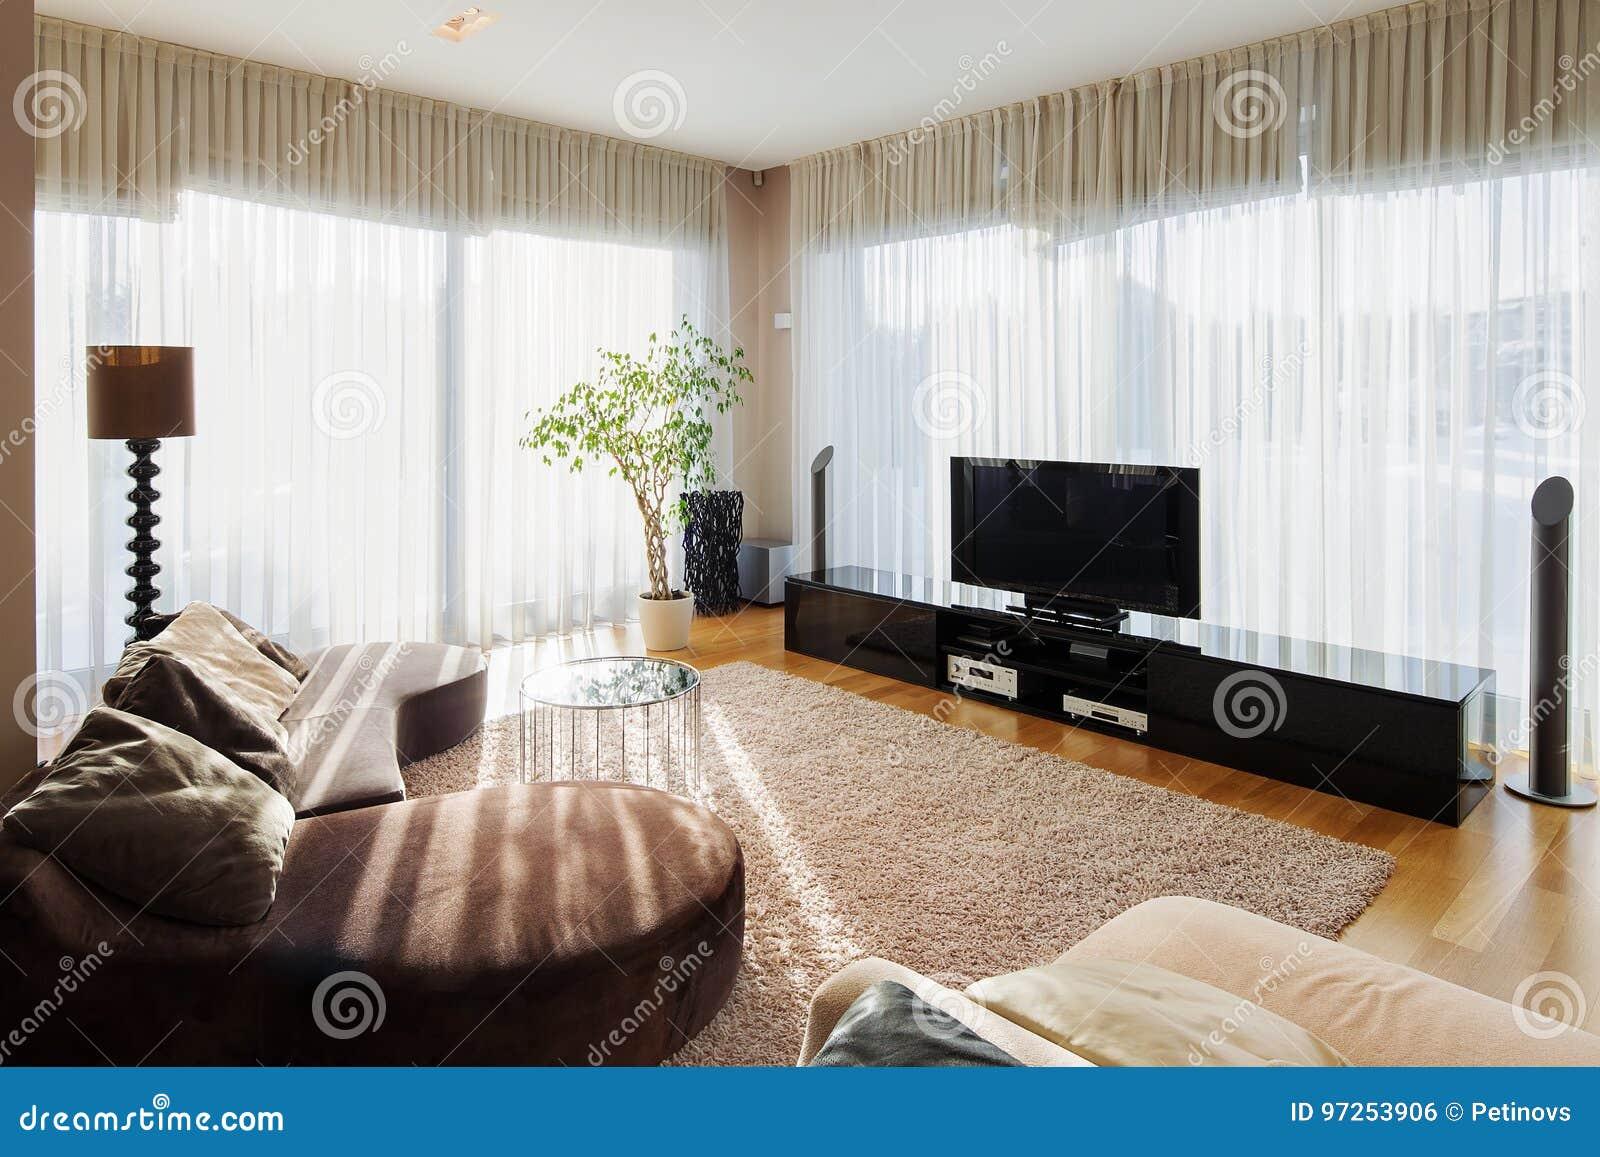 Download Modernes Wohnzimmer Mit Sofa Und Fernseher Stockfoto   Bild Von  Beige, Architektur: 97253906